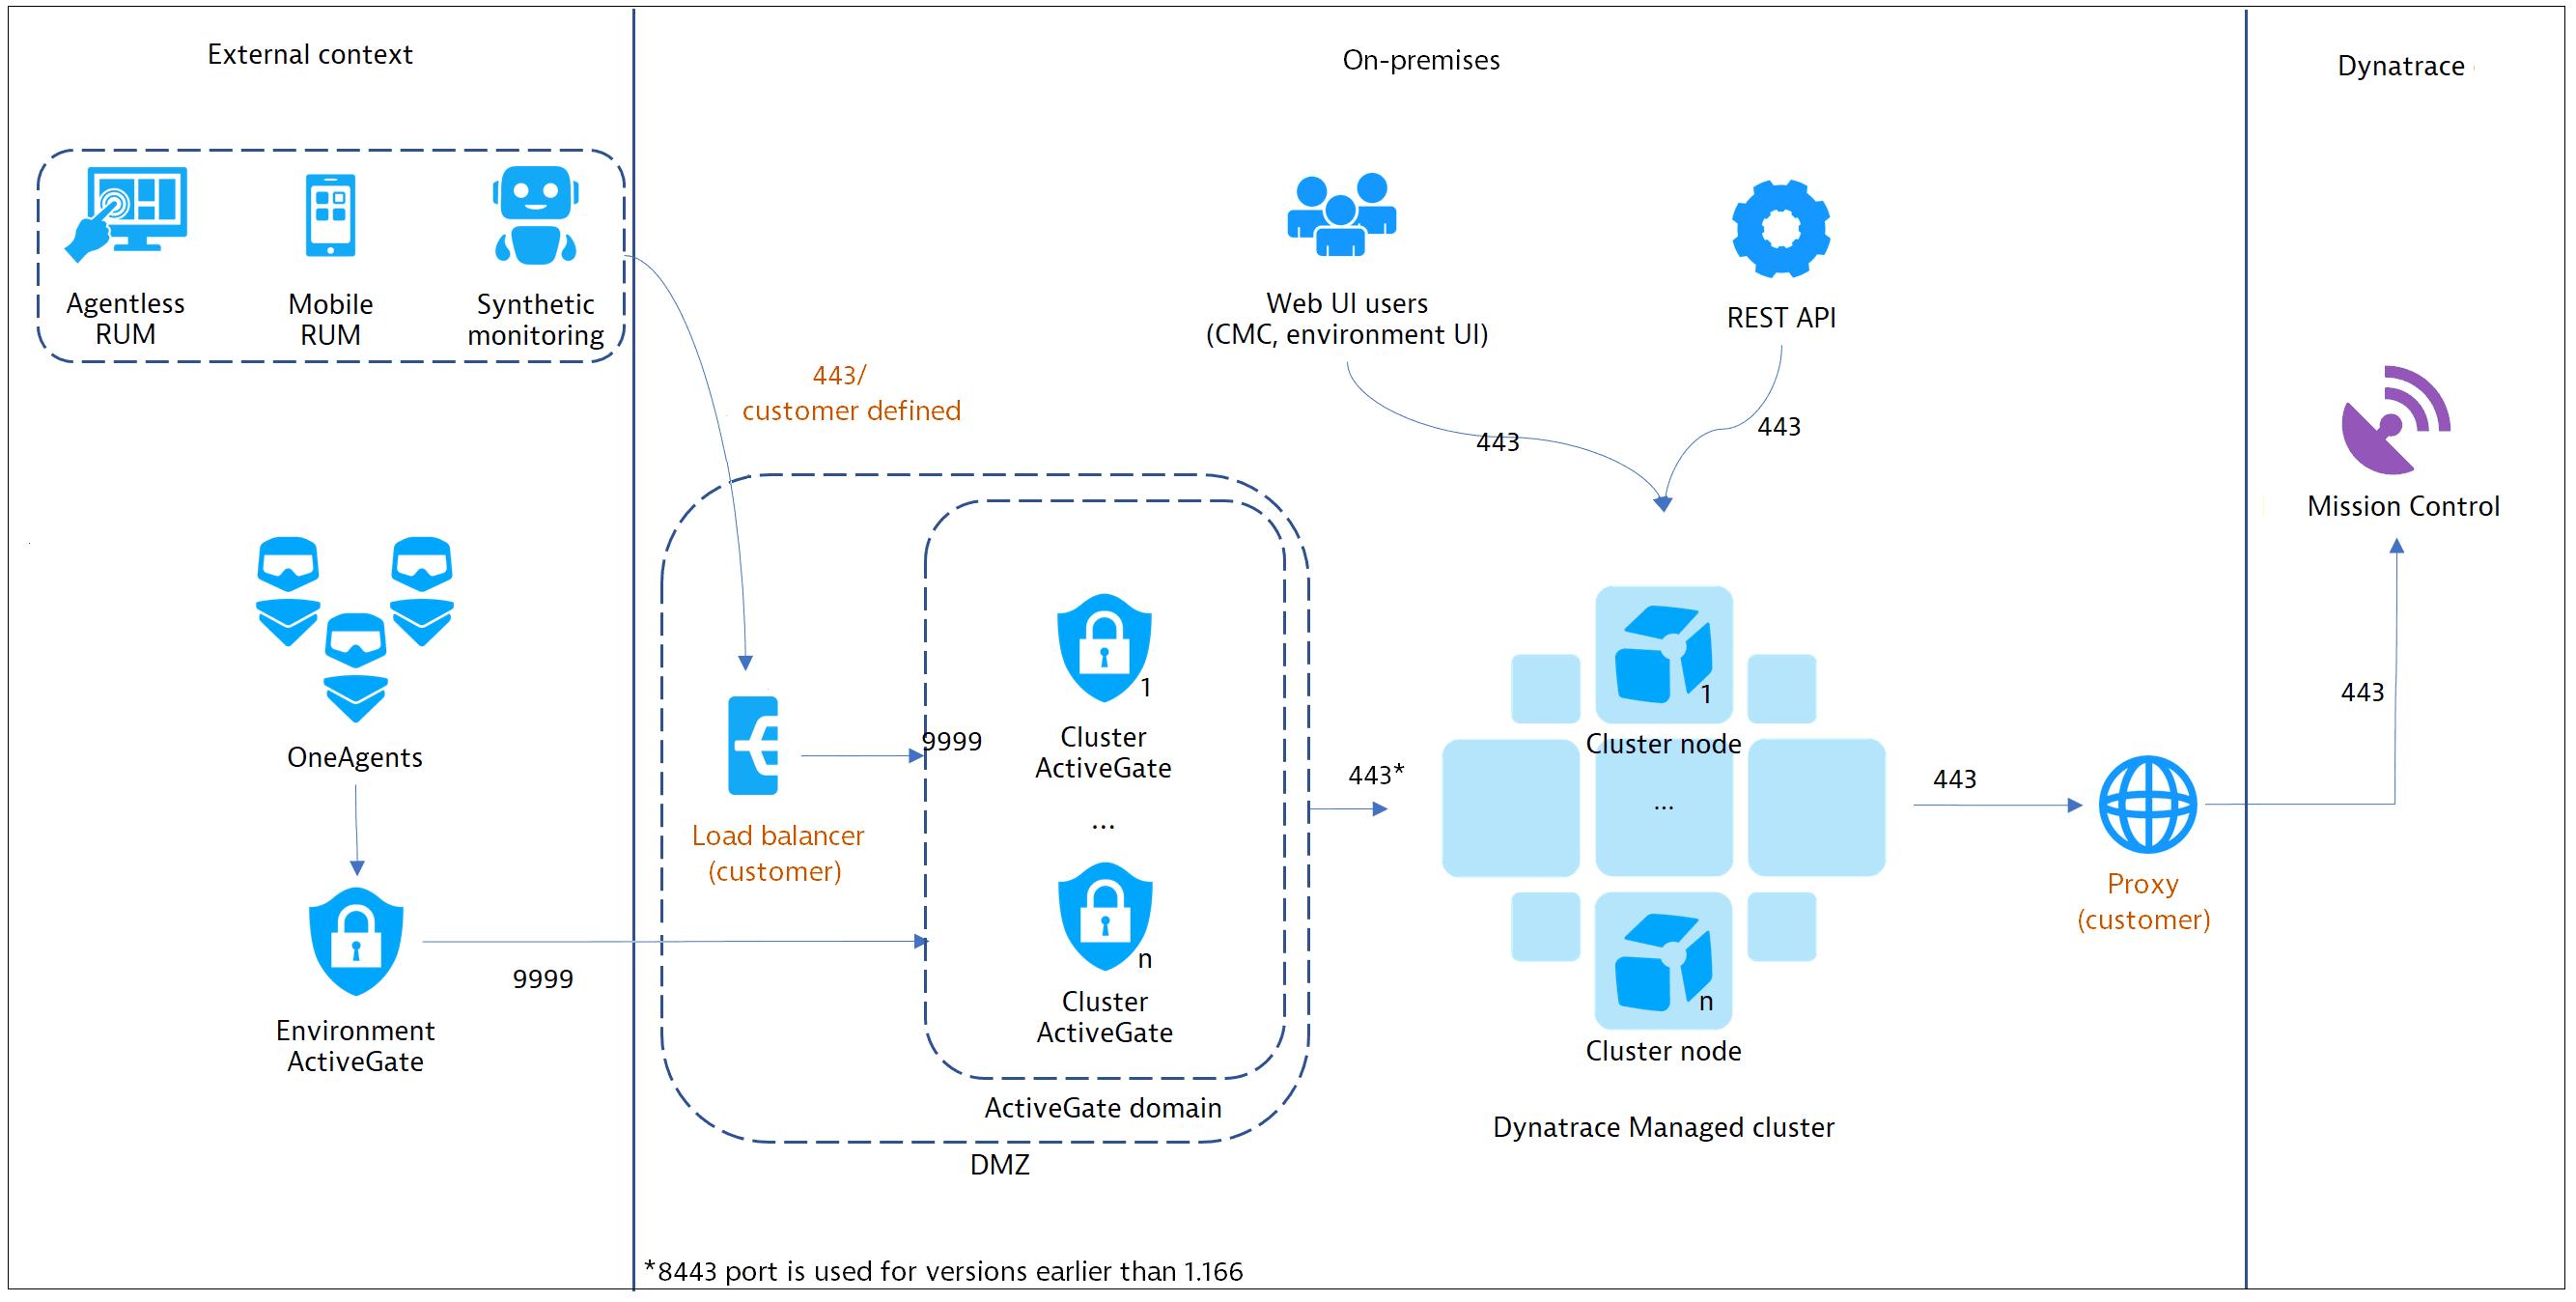 deployment scenario